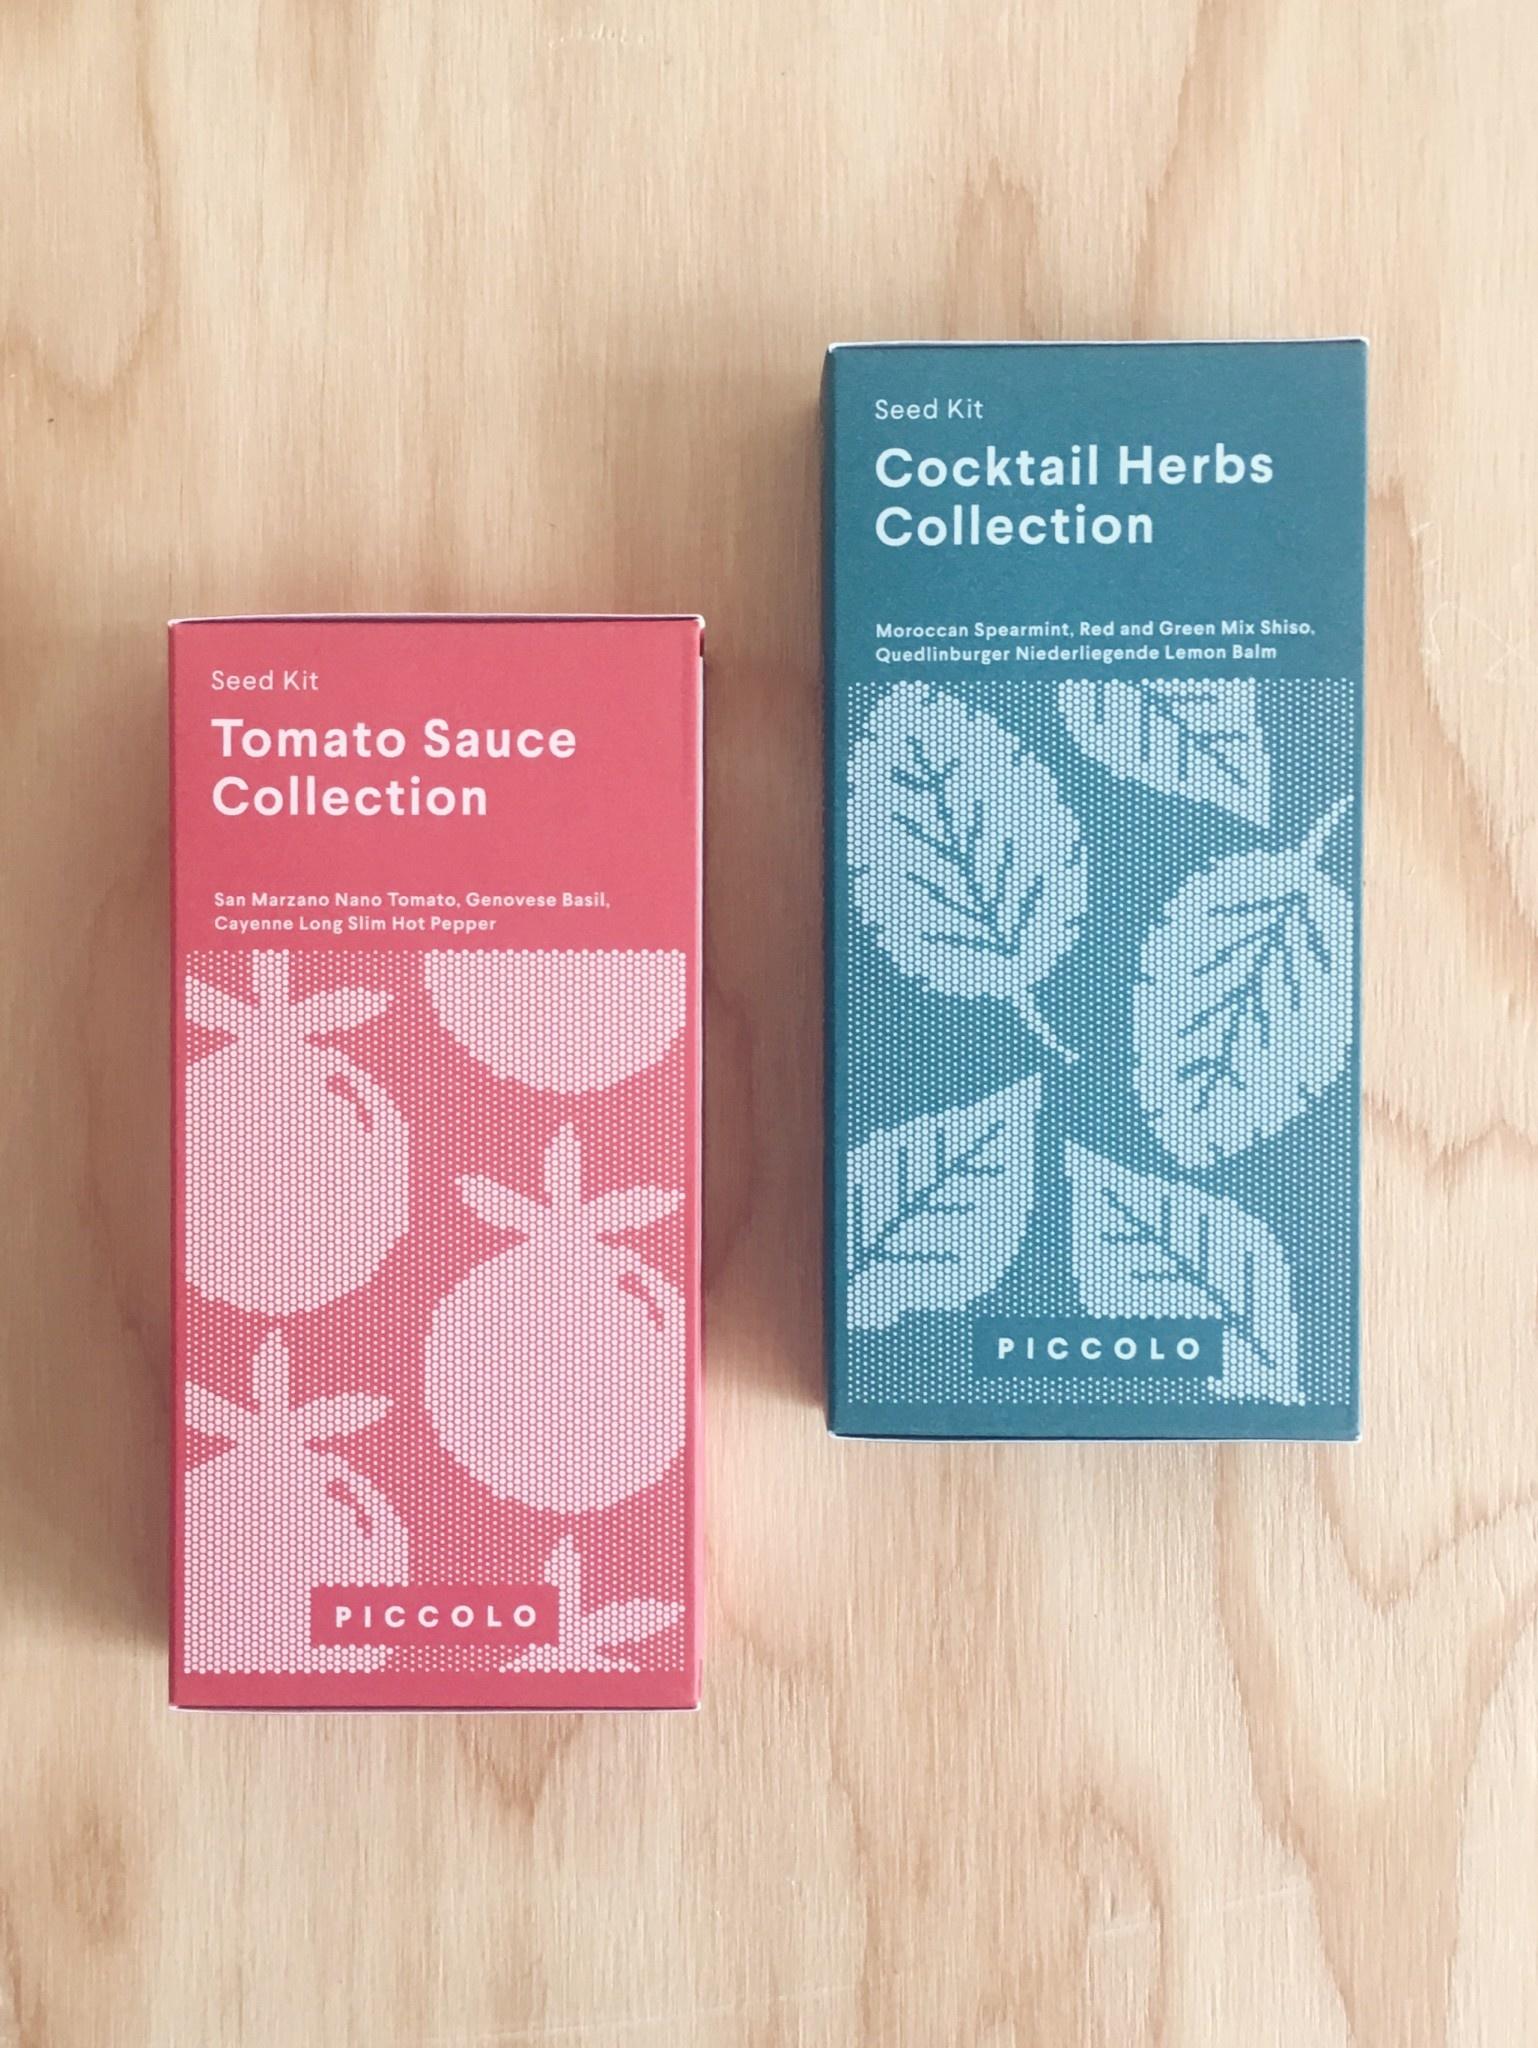 Piccolo Seeds Seed Kits